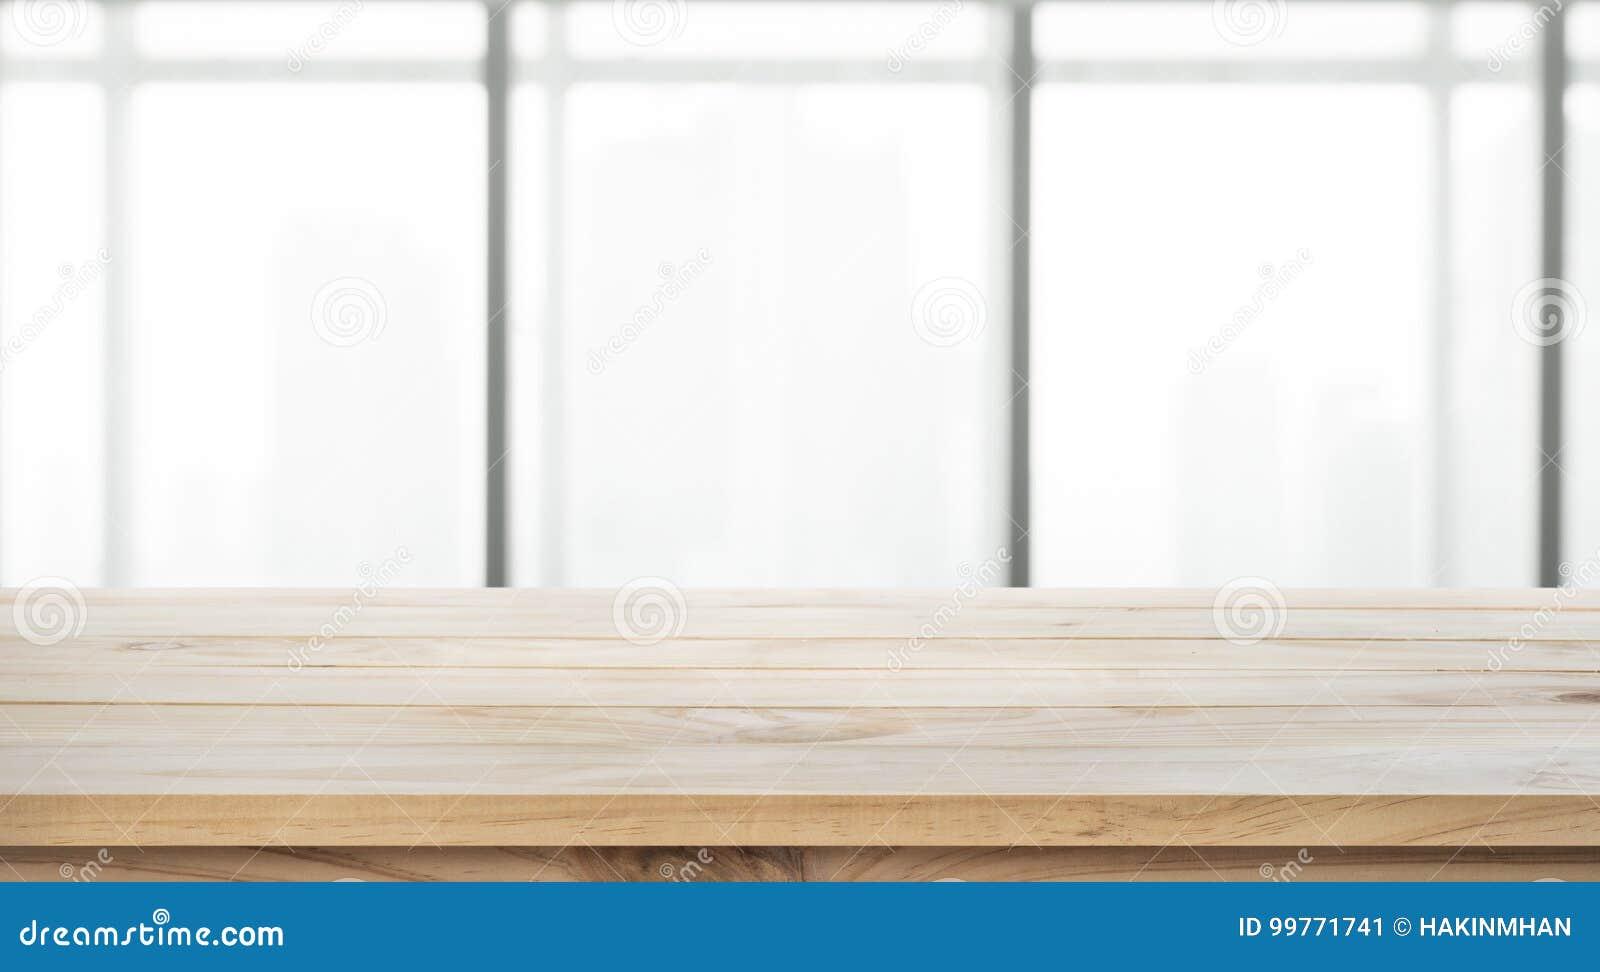 Töm av den wood tabellöverkanten på för fönsterkontor för suddighet stor bakgrund